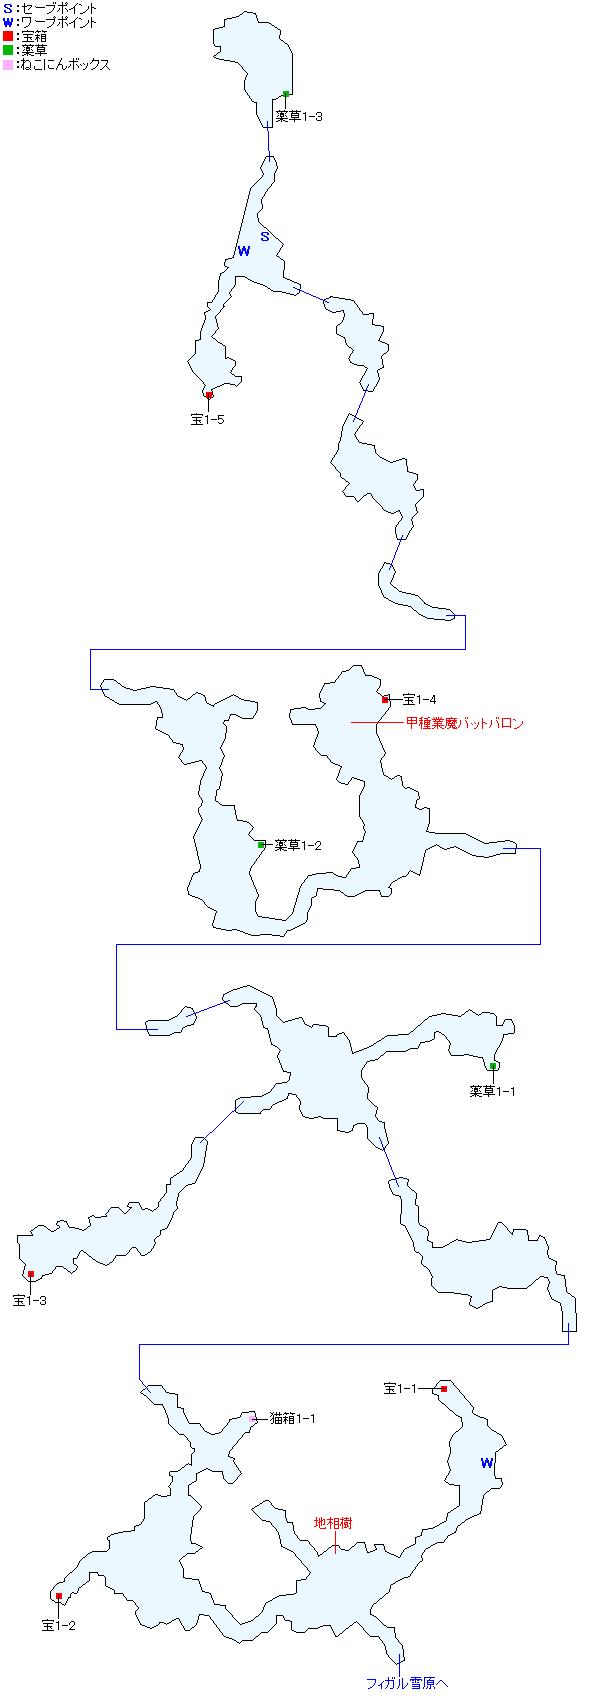 マップ画像・ハドロウ沼窟